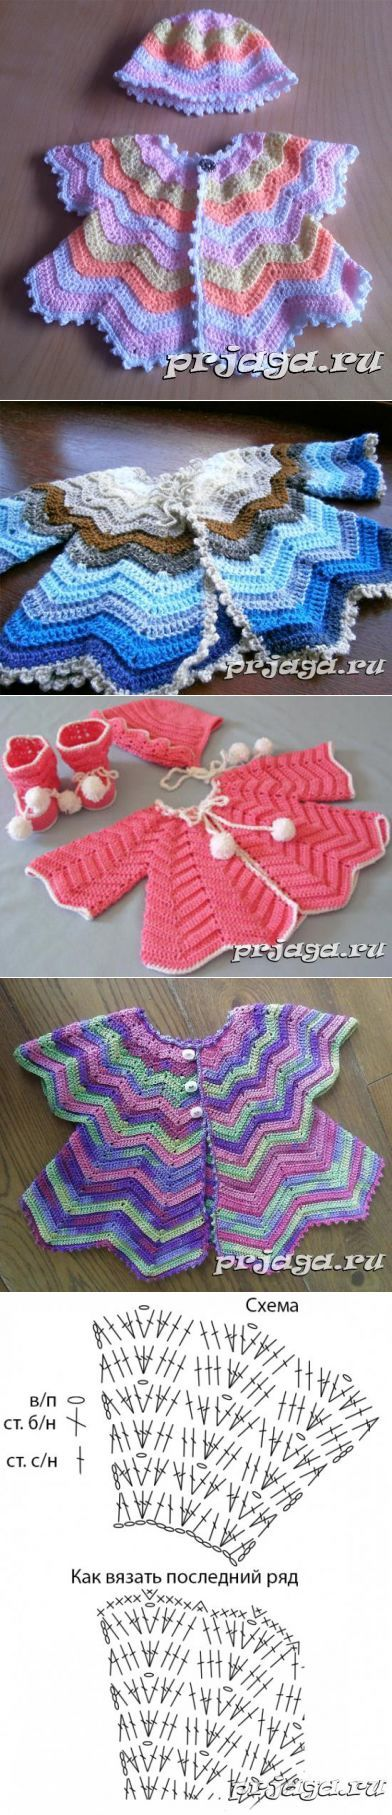 Жакет крючком для малютки | Вязание для детей | Постила